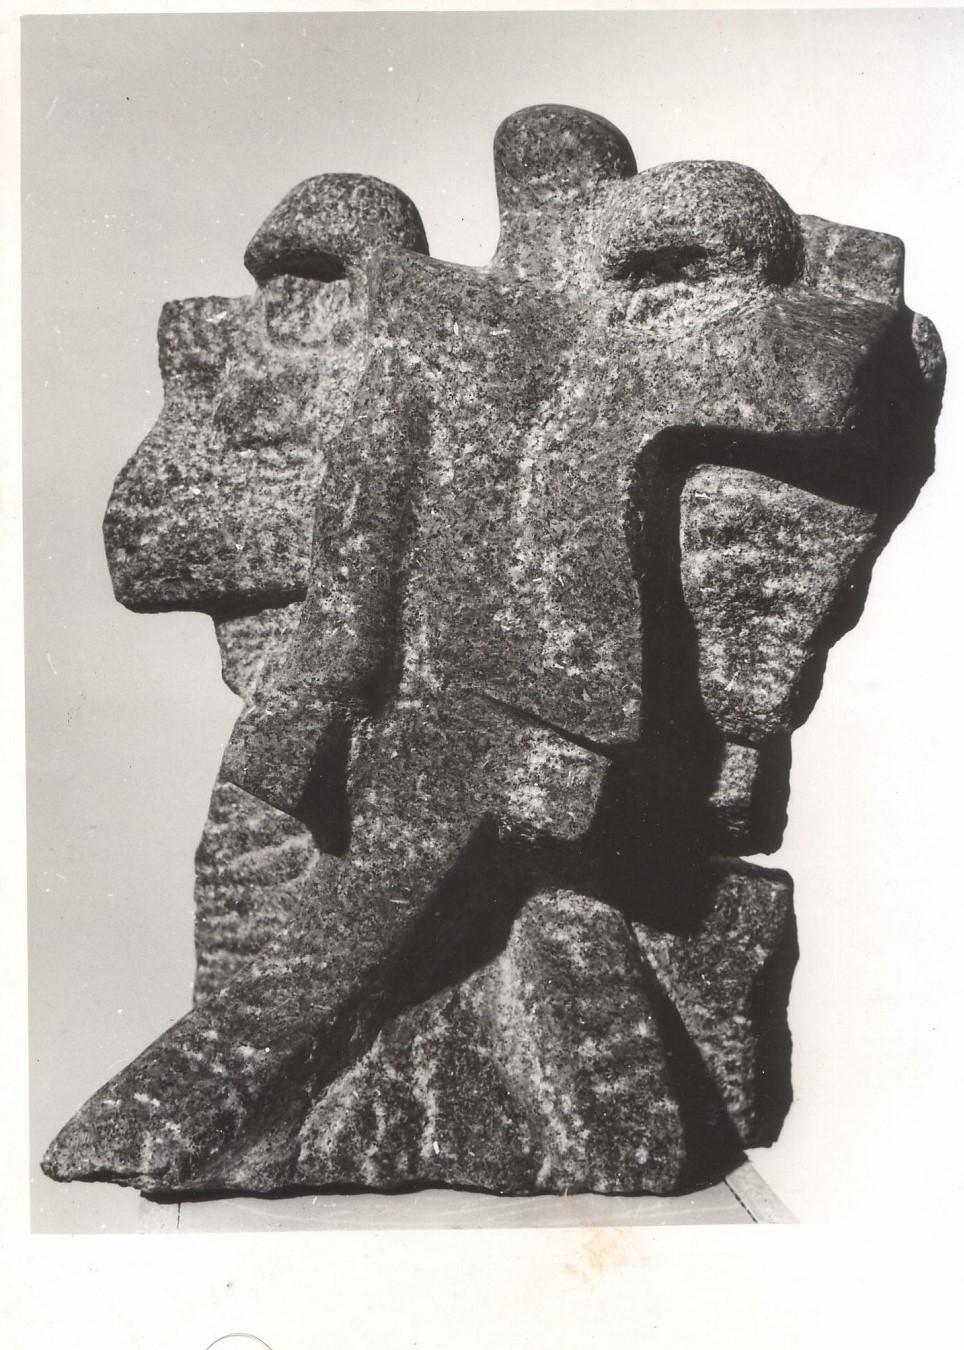 Piedra volcanica. Circa 1965, Francia